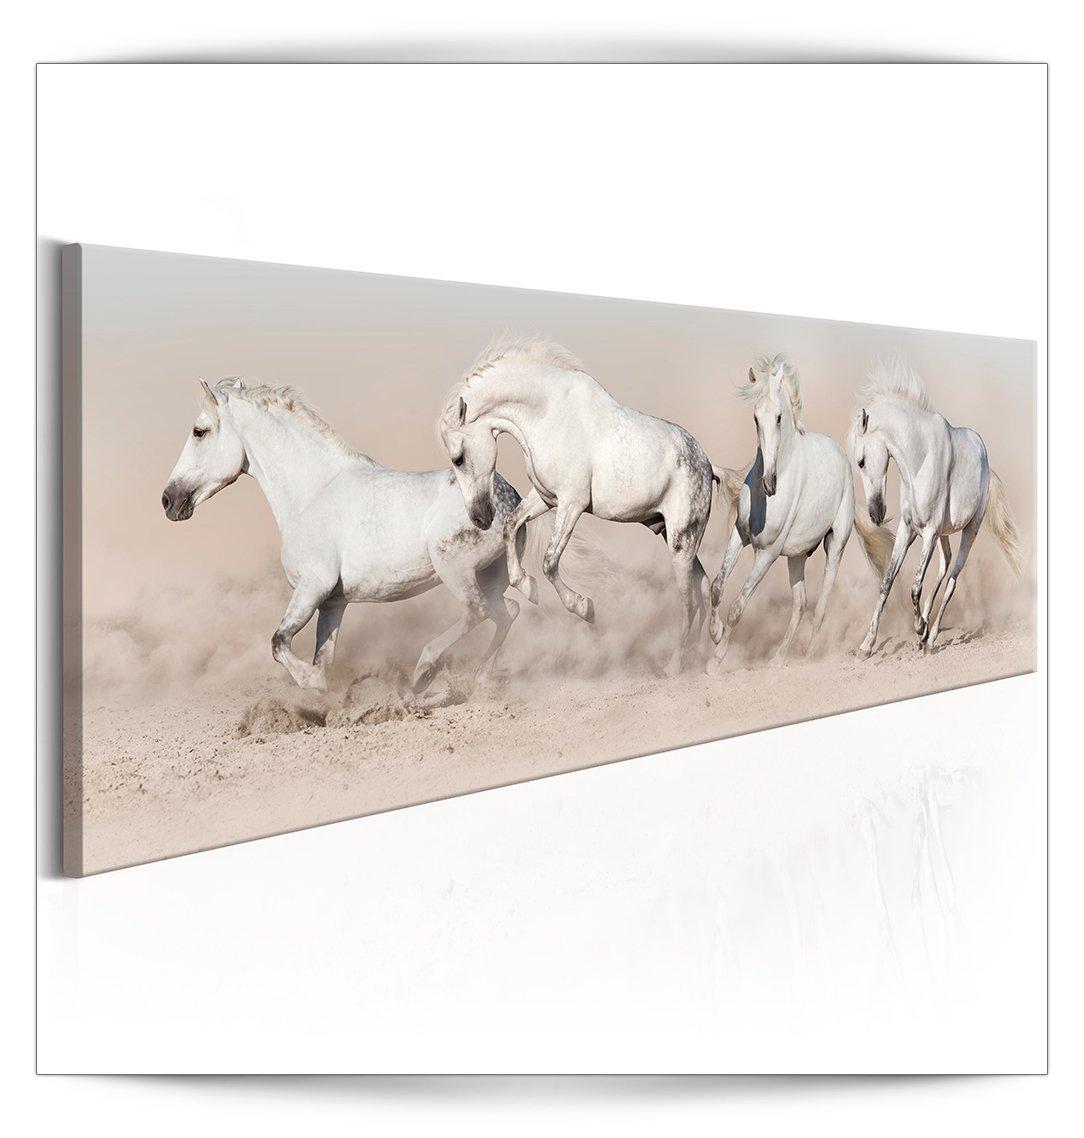 decomonkey Akustikbild Pferd 135x45 cm 1 Teilig Bilder Leinwandbilder Wandbilder XXL Schallschlucker Schallschutz Akustikdämmung Wandbild Deko leise Tier Sand weiß